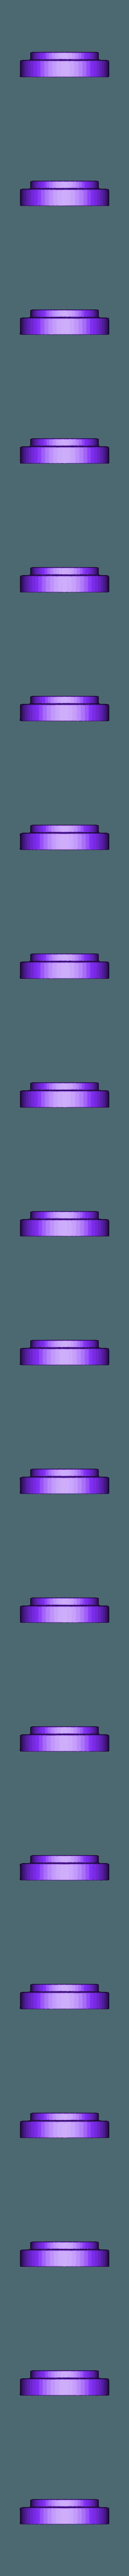 Basecover.stl Télécharger fichier STL gratuit Banque de pièces de monnaie Panda • Plan pour impression 3D, LittleFriend